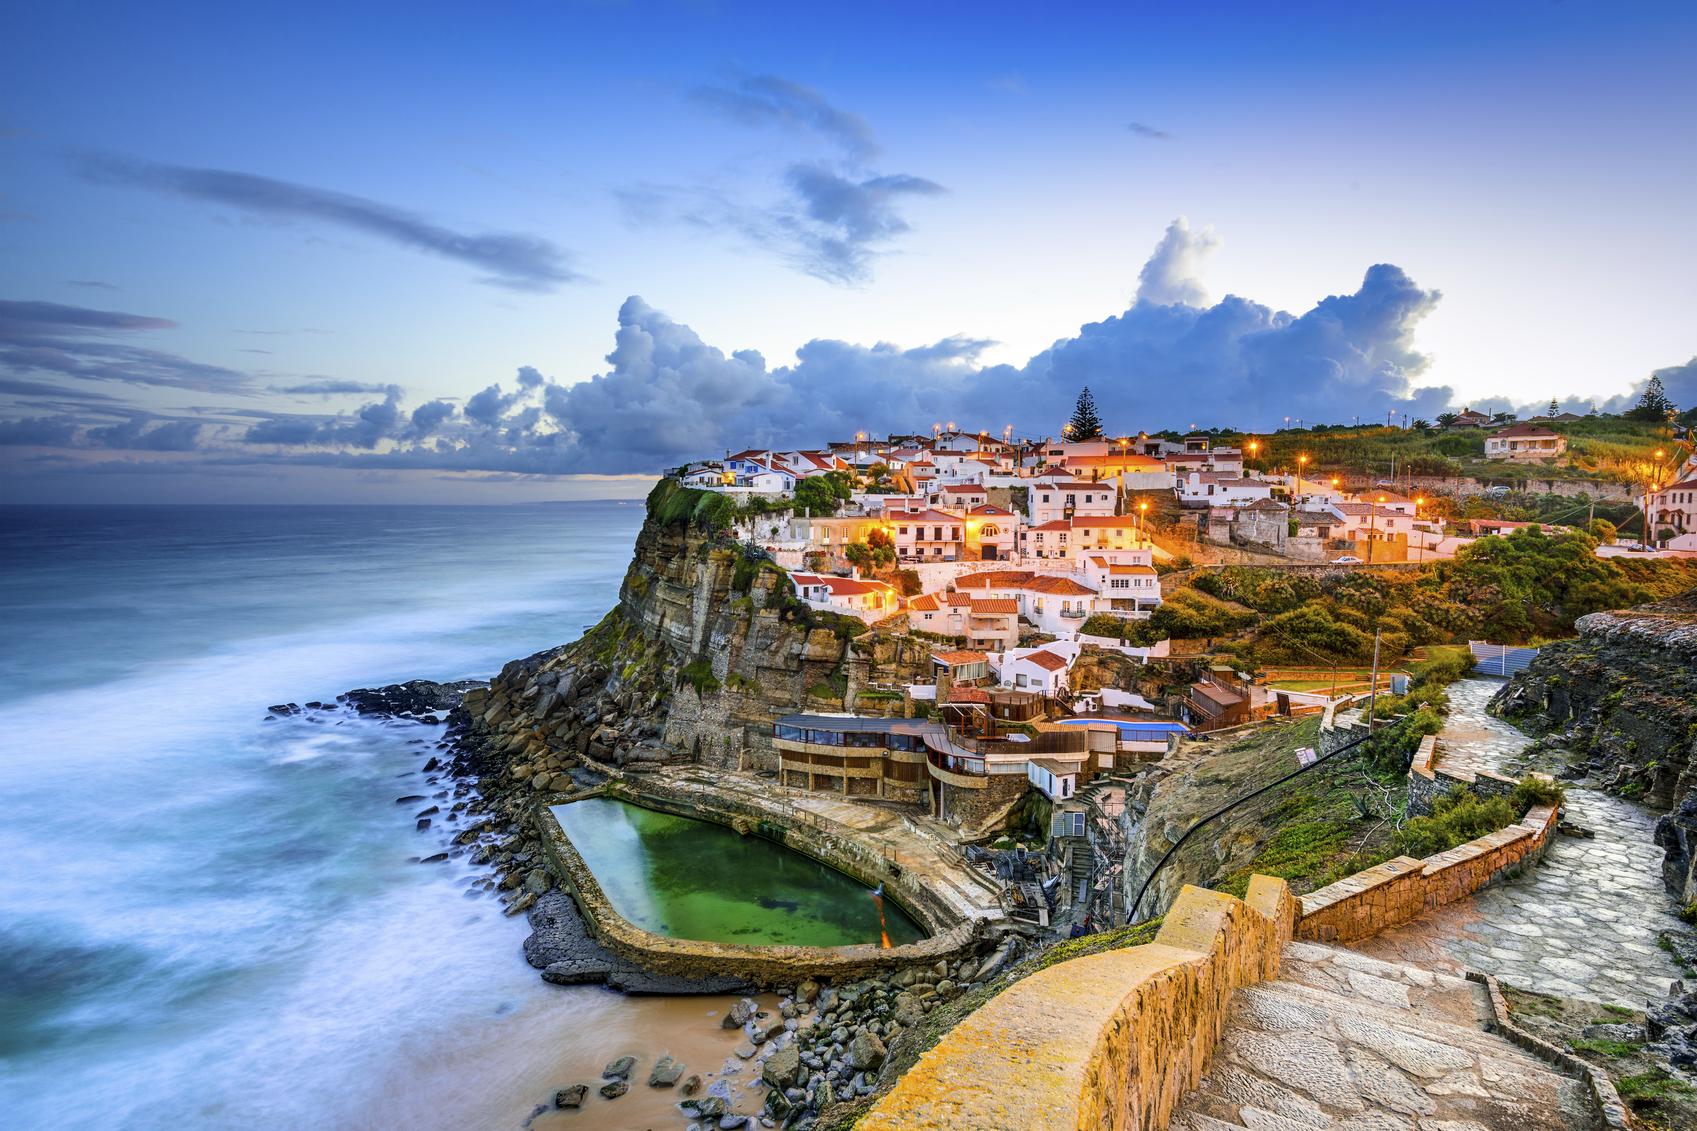 De kust van Portugal. (foto istock)